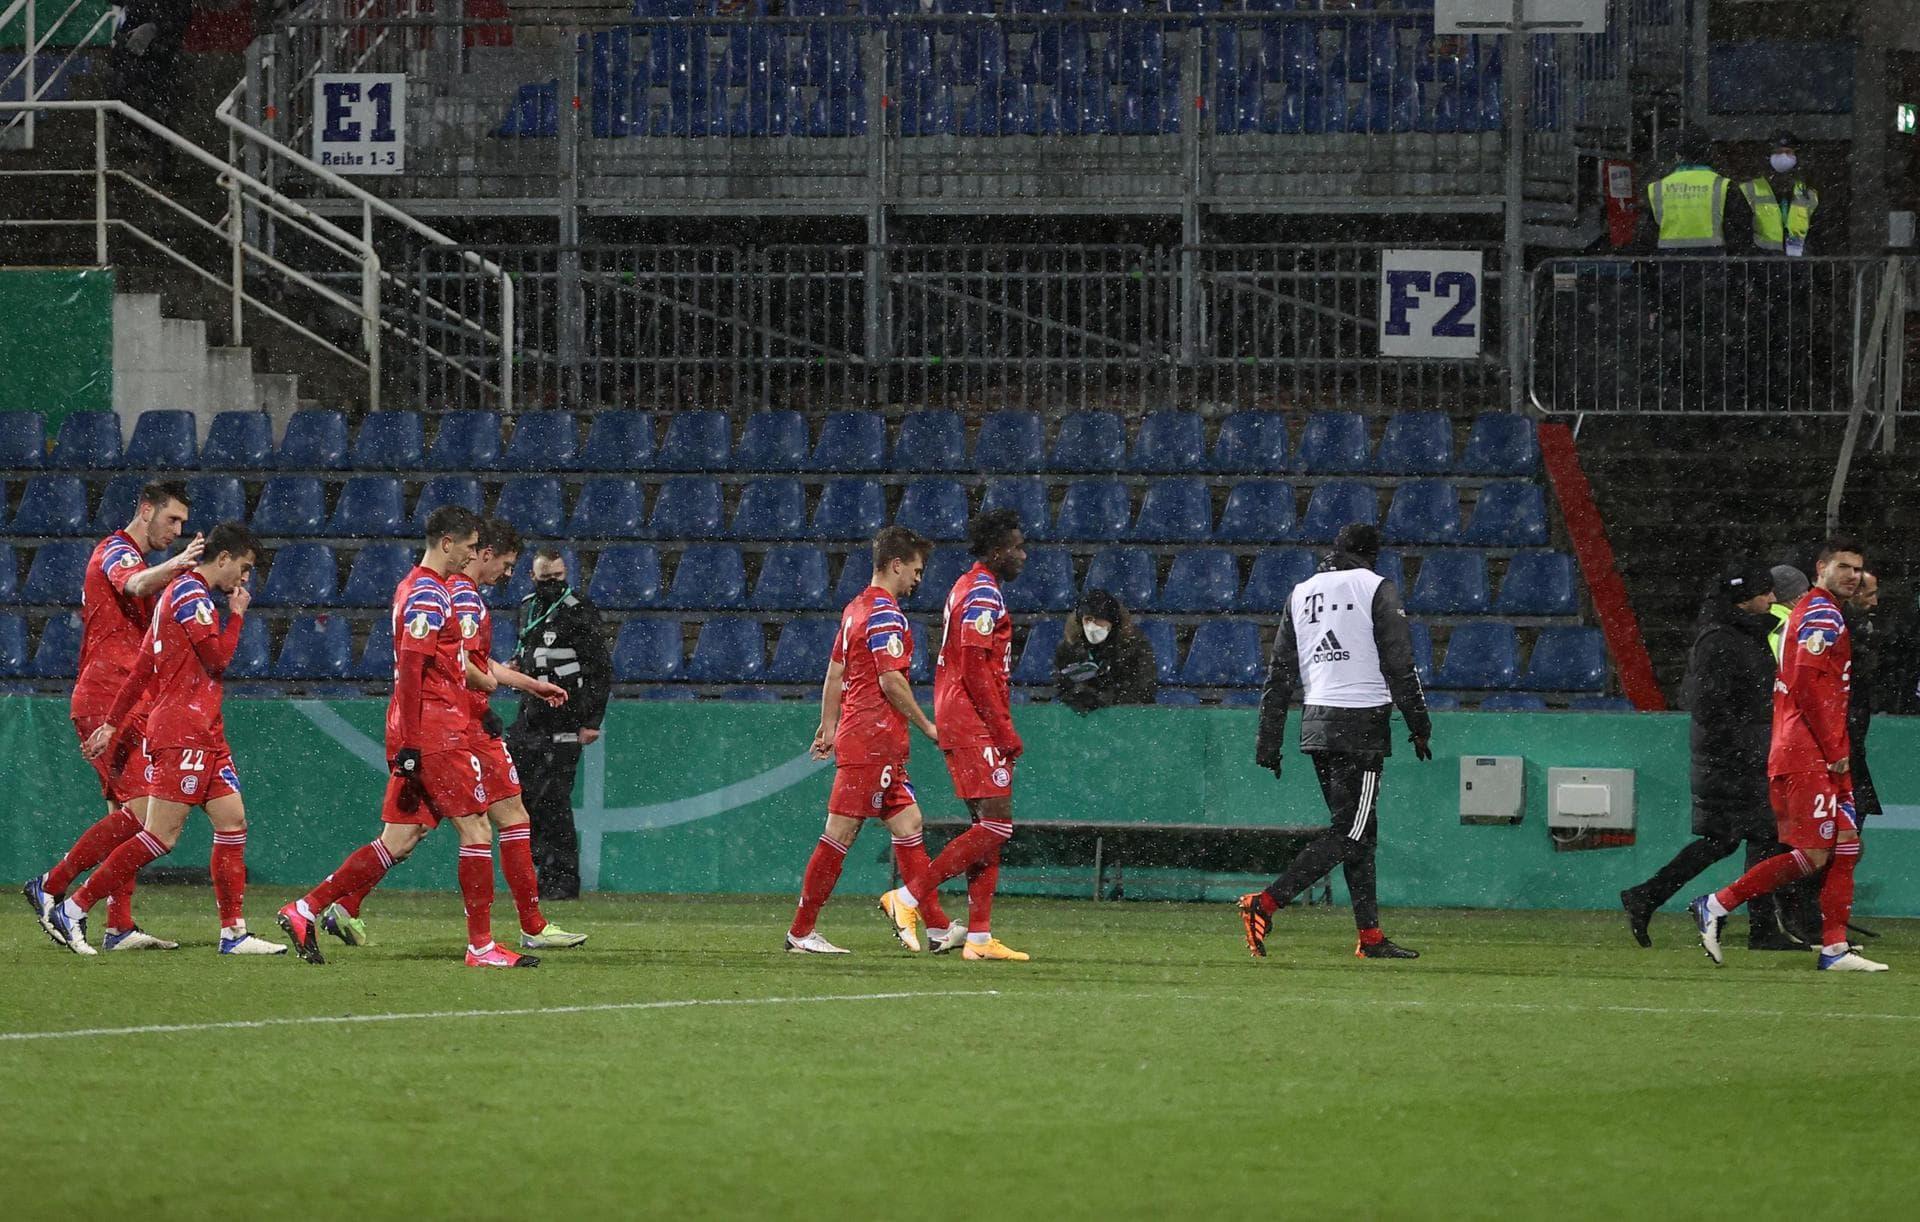 Pokal-Aus im Schneeregen: Bayern scheitert an Holstein Kiel Elfmeterschießen entscheidet